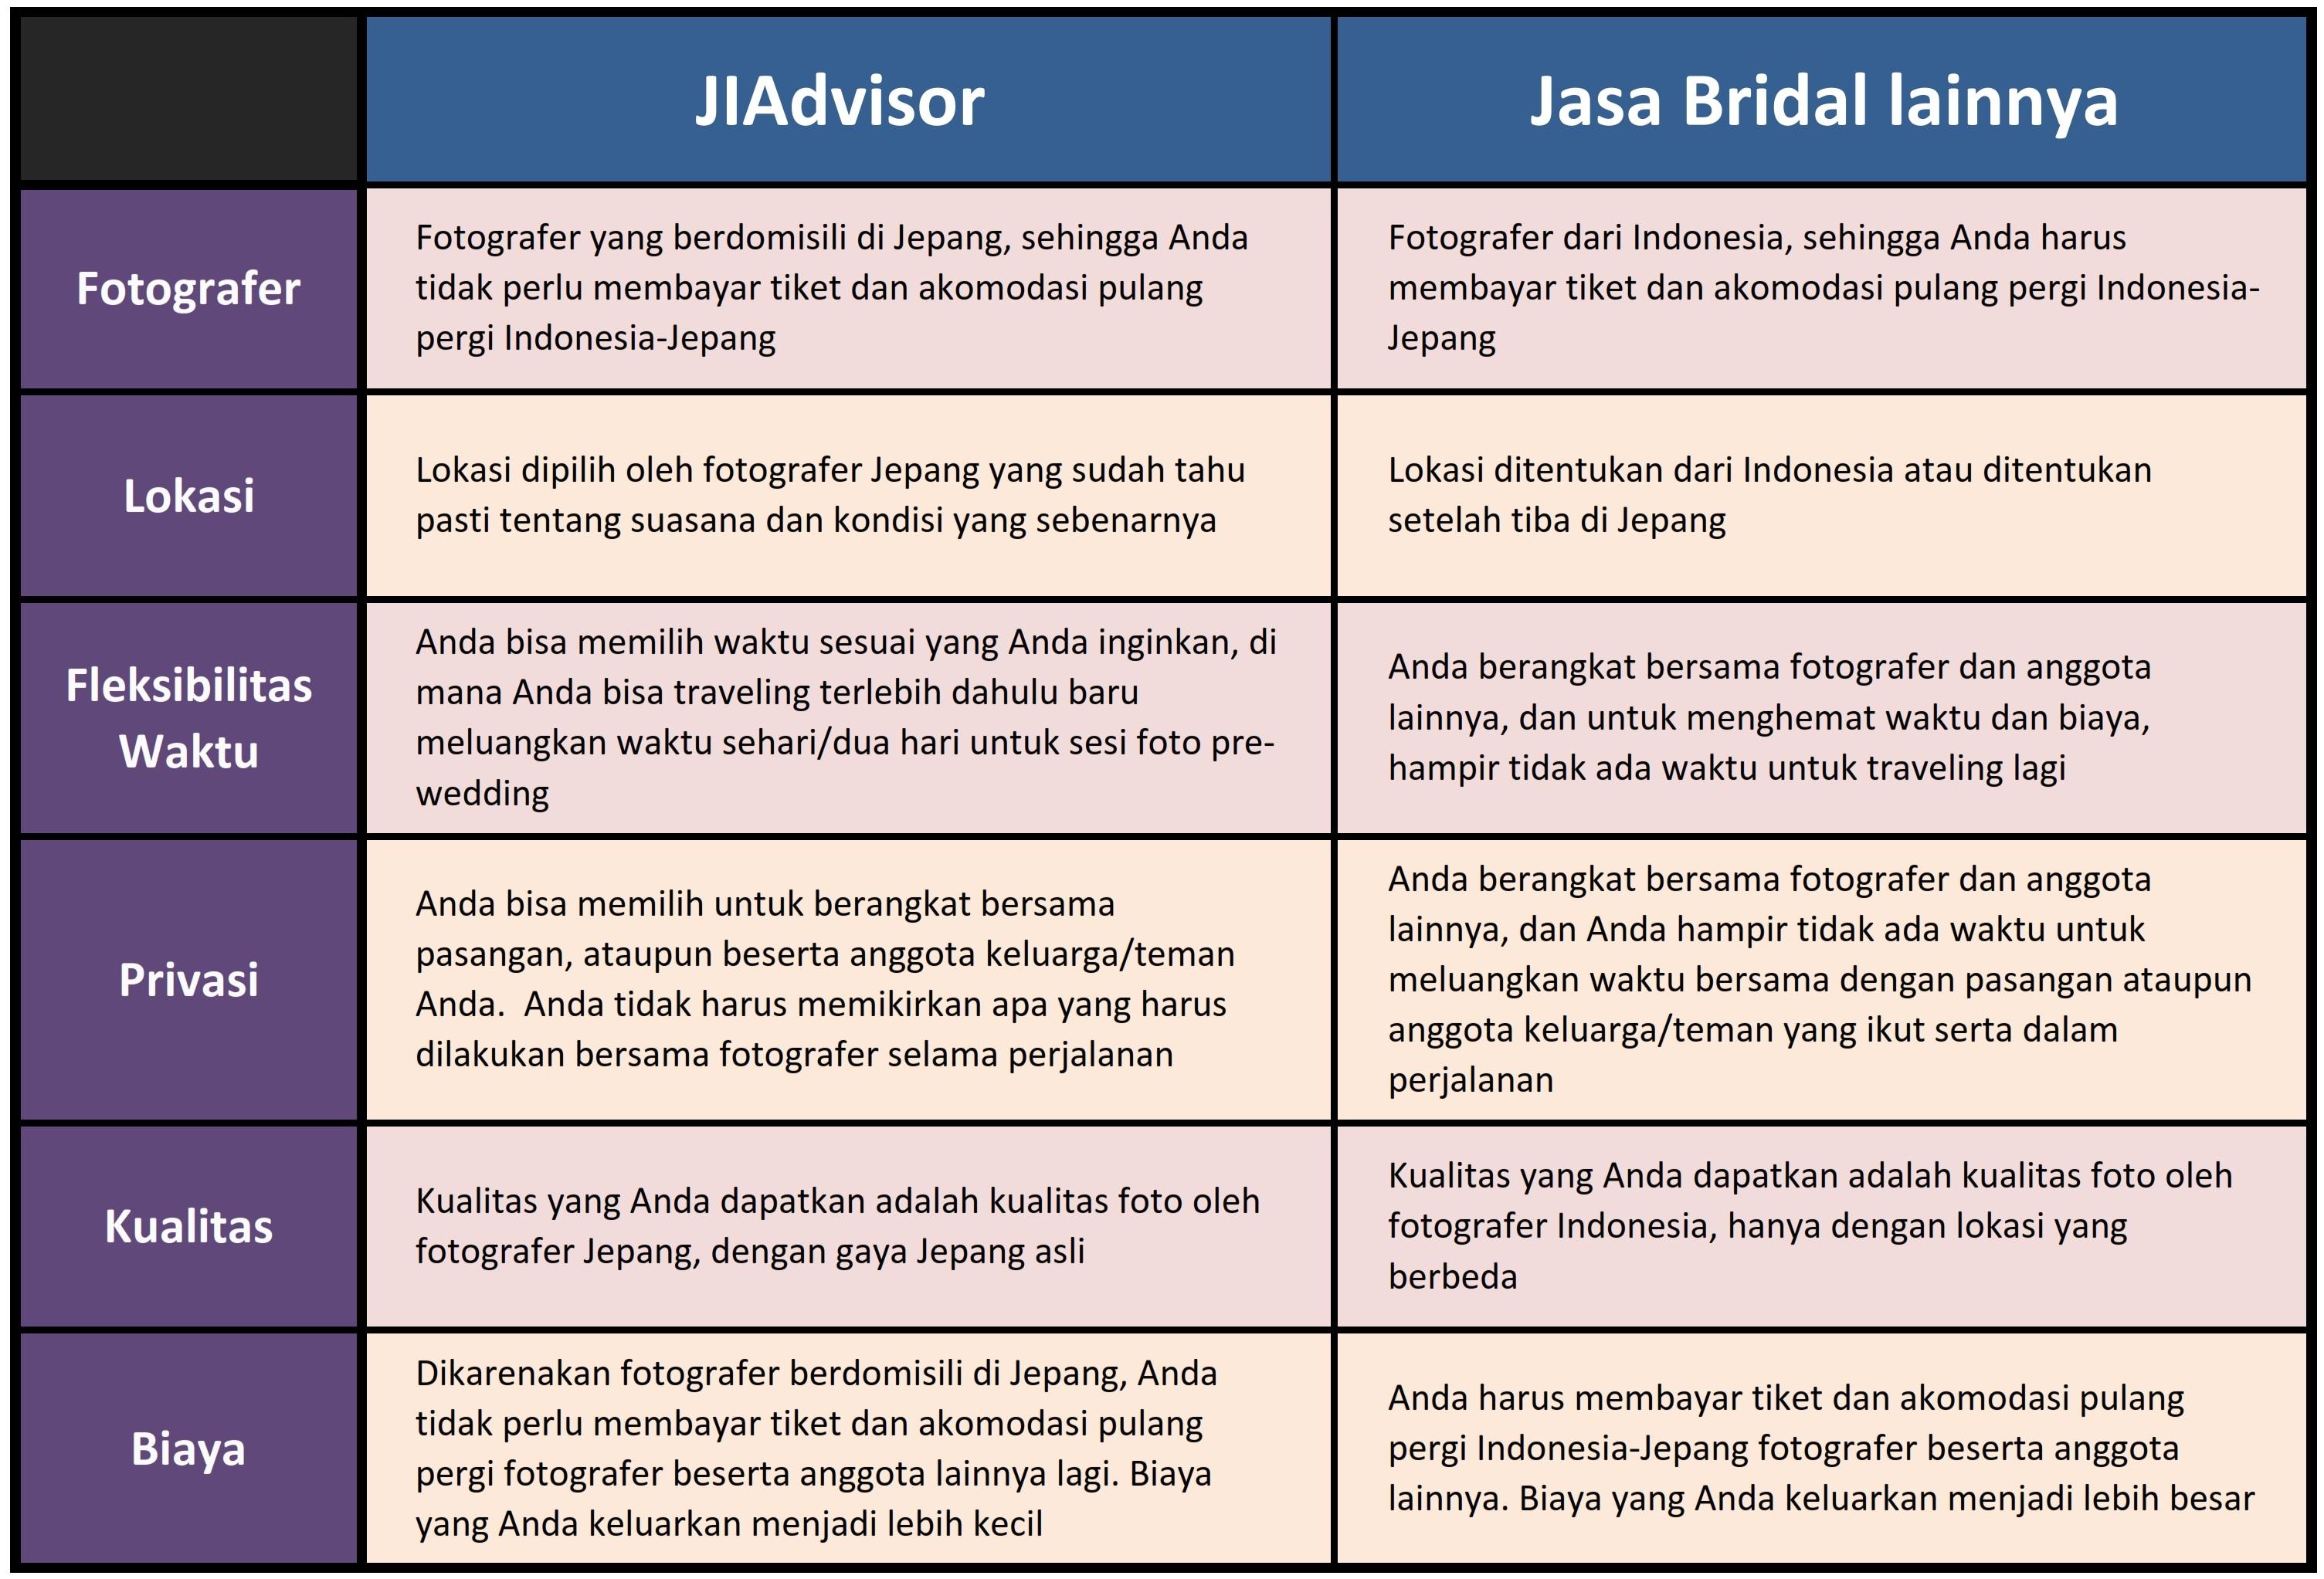 kelebihan JIAdvisor Pre-wedding